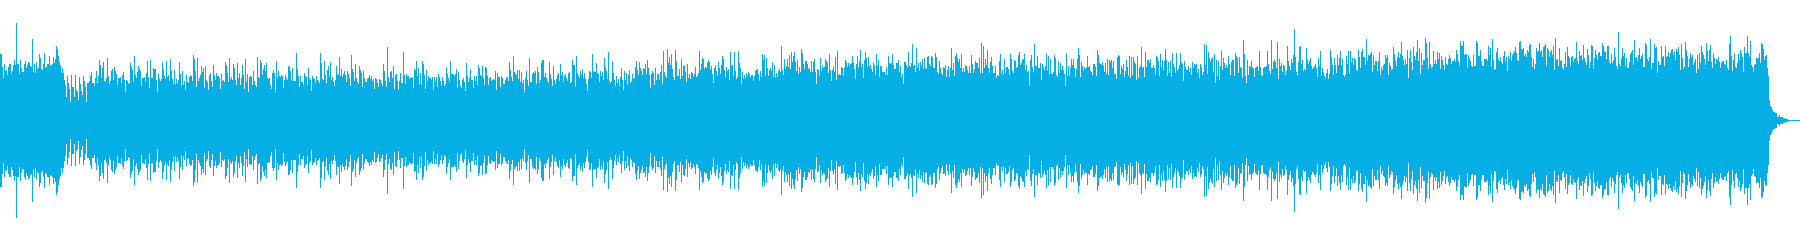 パッヘルベル カノンのエレクトリカルの再生済みの波形